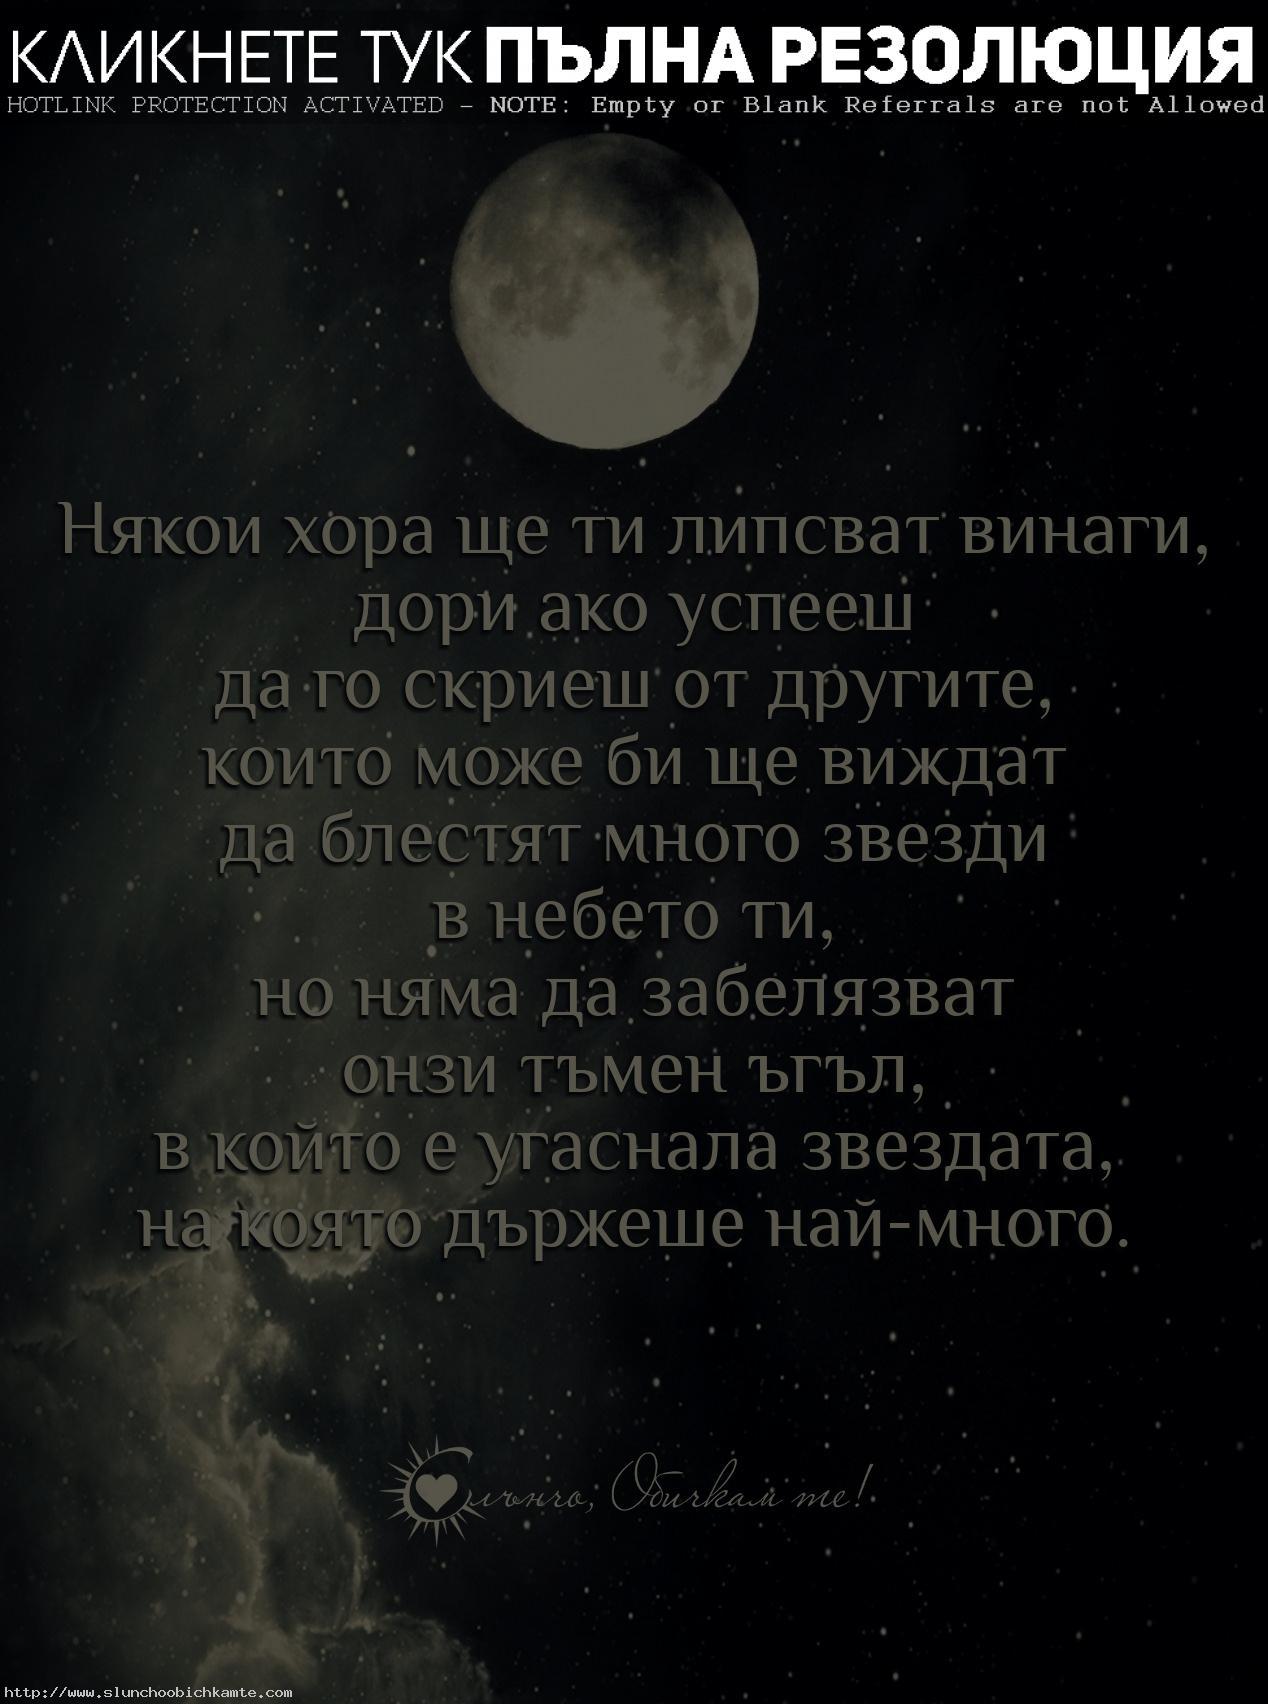 Някои хора ще ти липсват винаги, дори ако успееш да го скриеш от другите, които може би ще виждат да блестят много звезди в небето ти, но няма да забелязват онзи тъмен ъгъл, в който е угаснала звездата, на която държеше най-много - липсваш ми, обичам те, любов, обич, завинаги, болка, страдание, раздяла